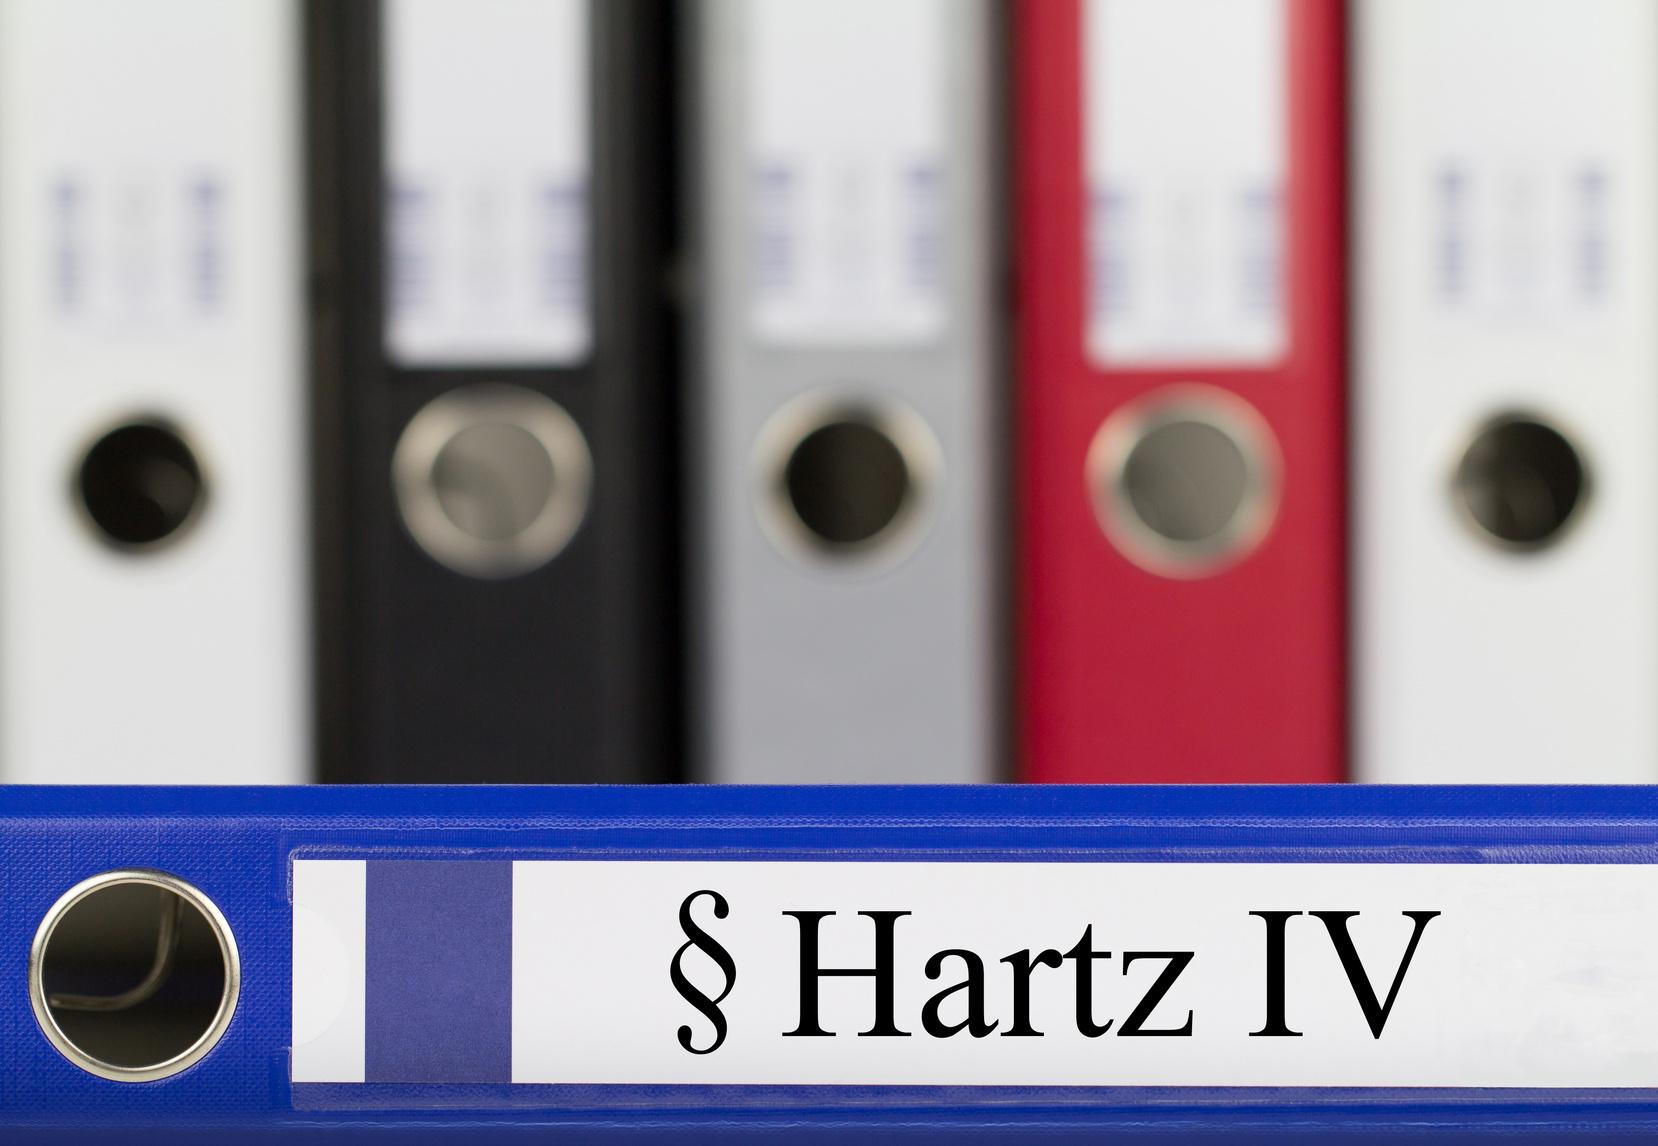 Äußerst lukrativ: Anwälte stopfen sich mit Hartz-IV-Bescheiden die Taschen voll!